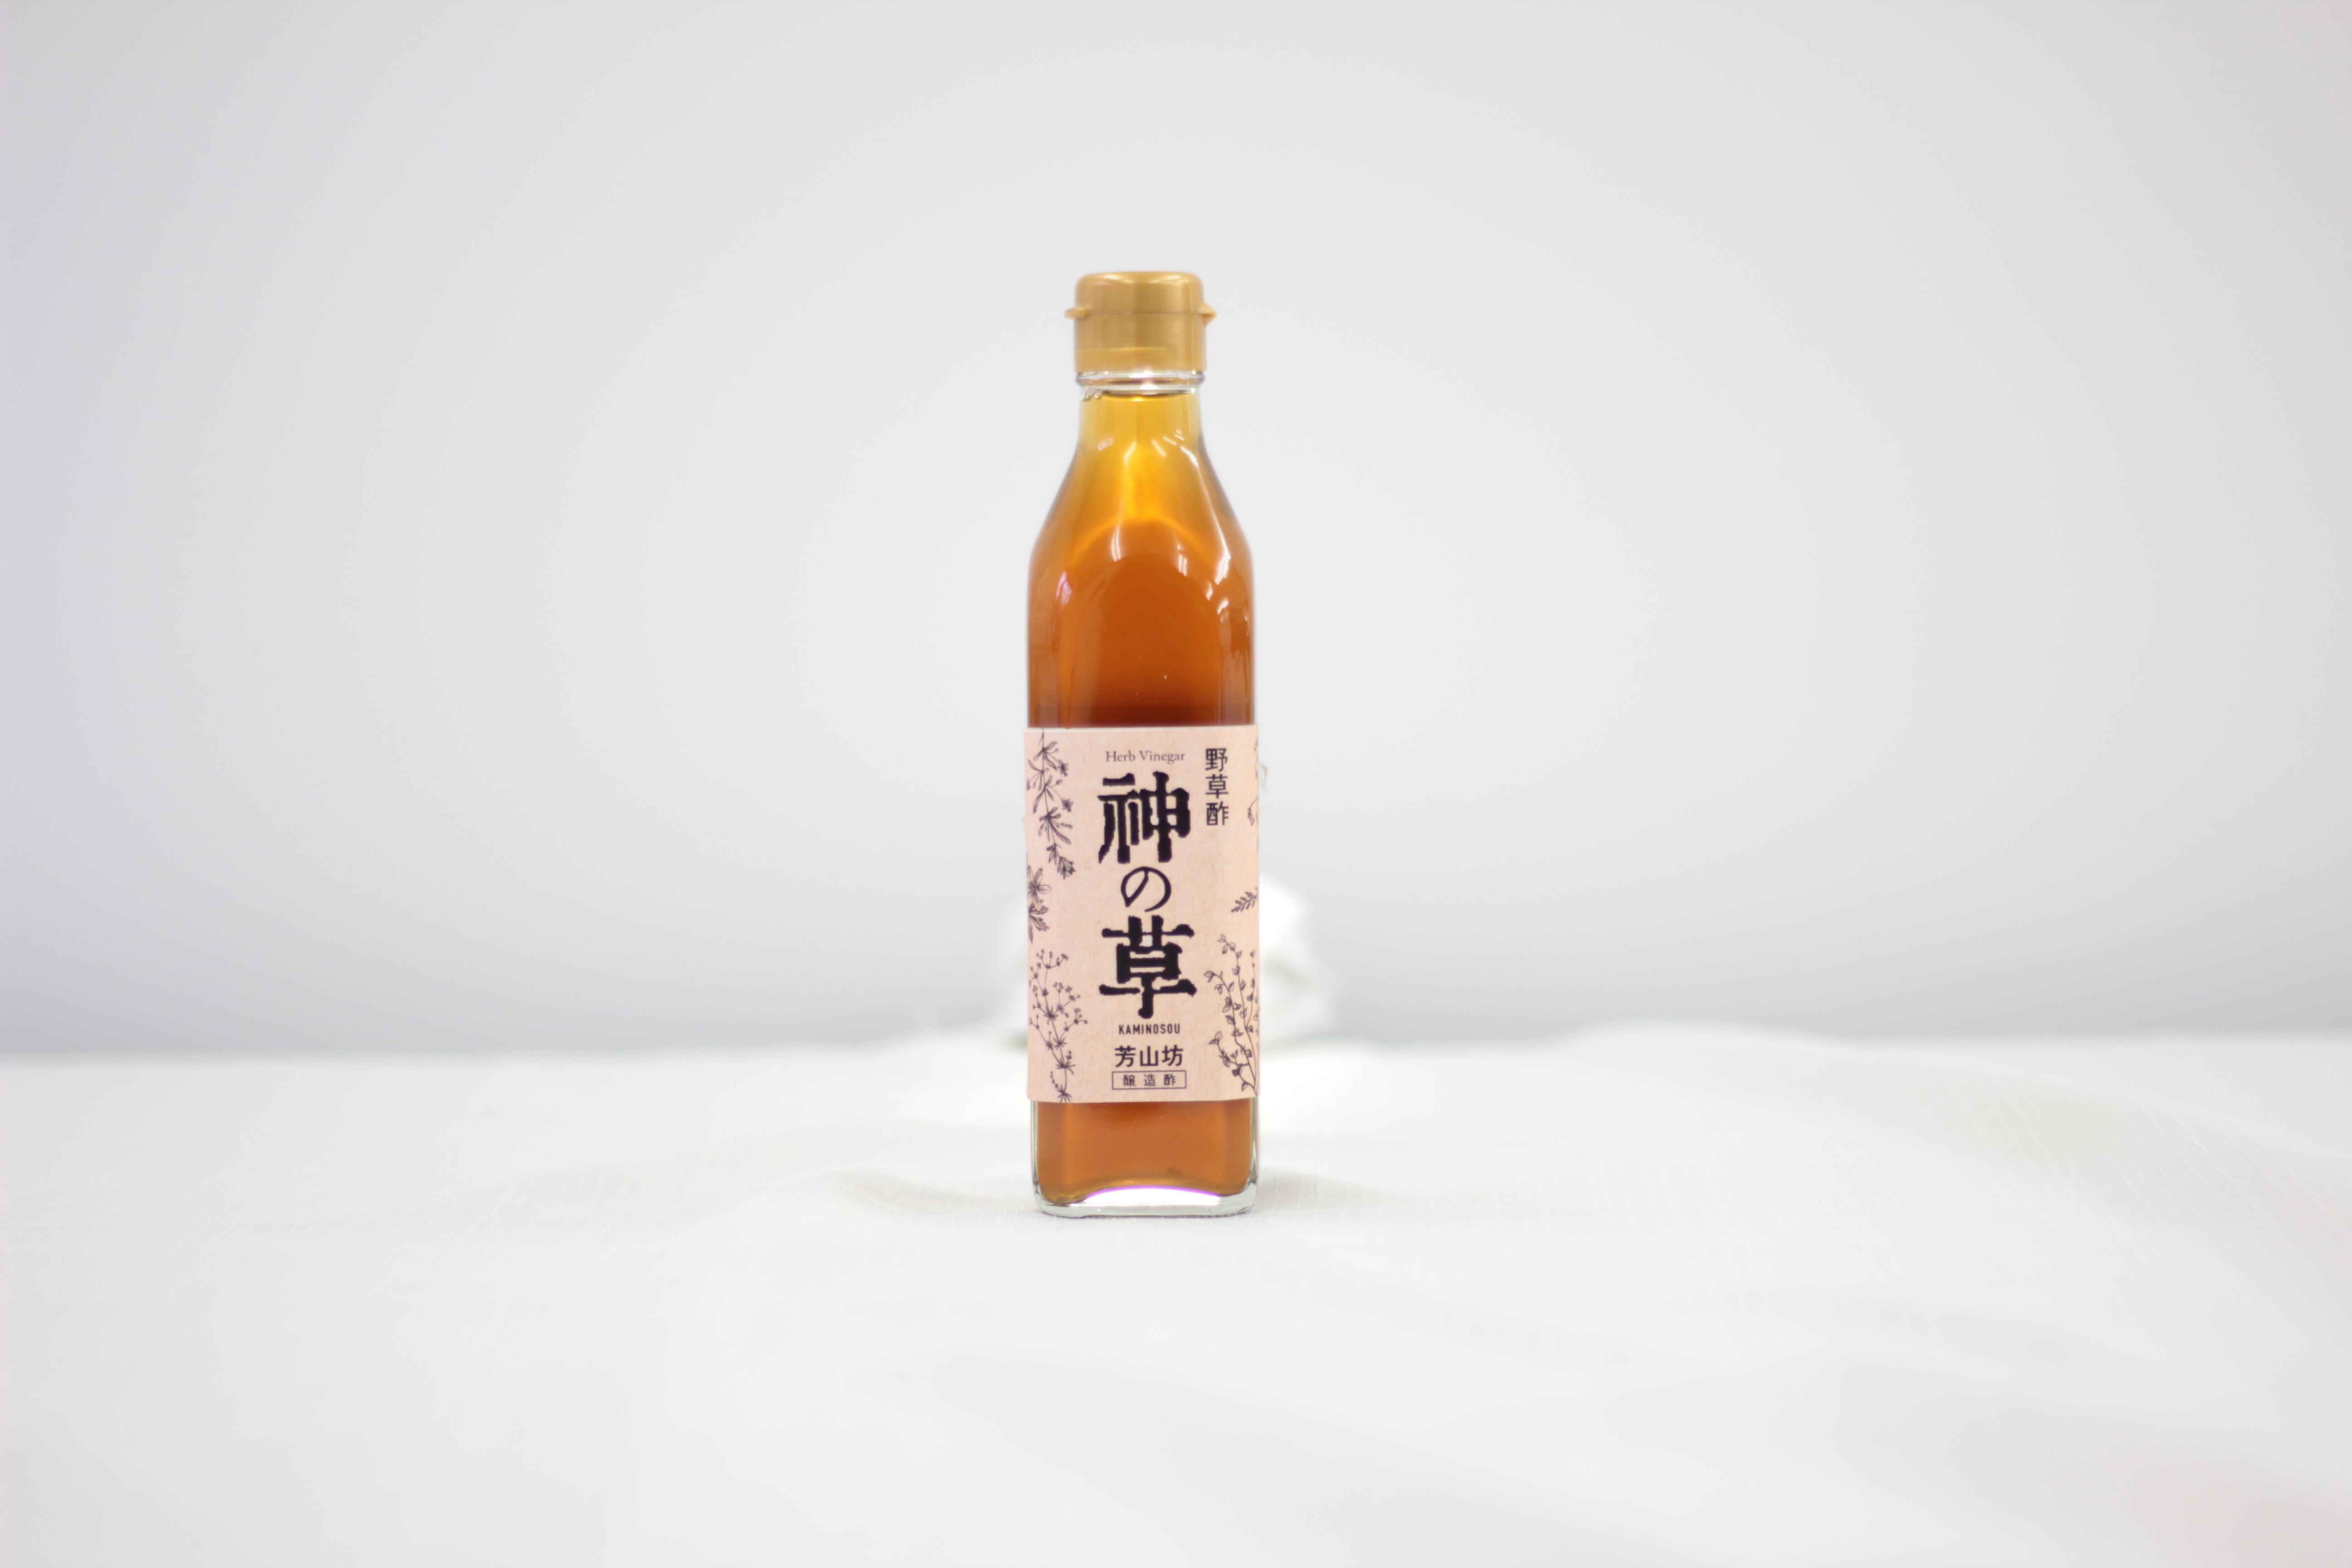 熟成ブレンド【神の草】300ml